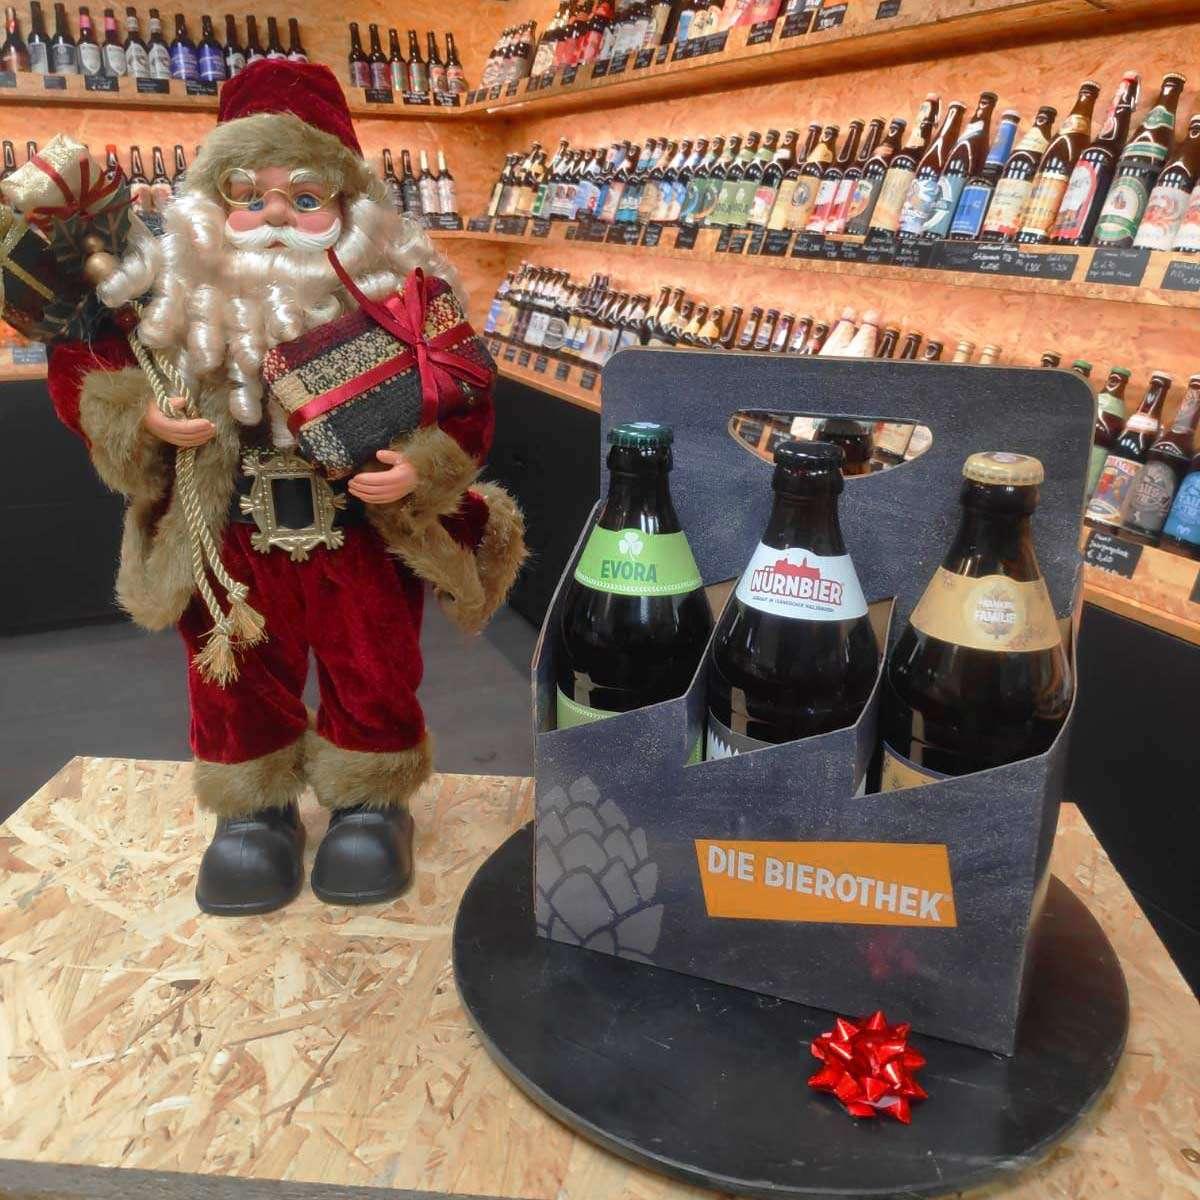 Sixpack mit ausgewählten Bierspezialitäten aus der Bierothek Fürth.